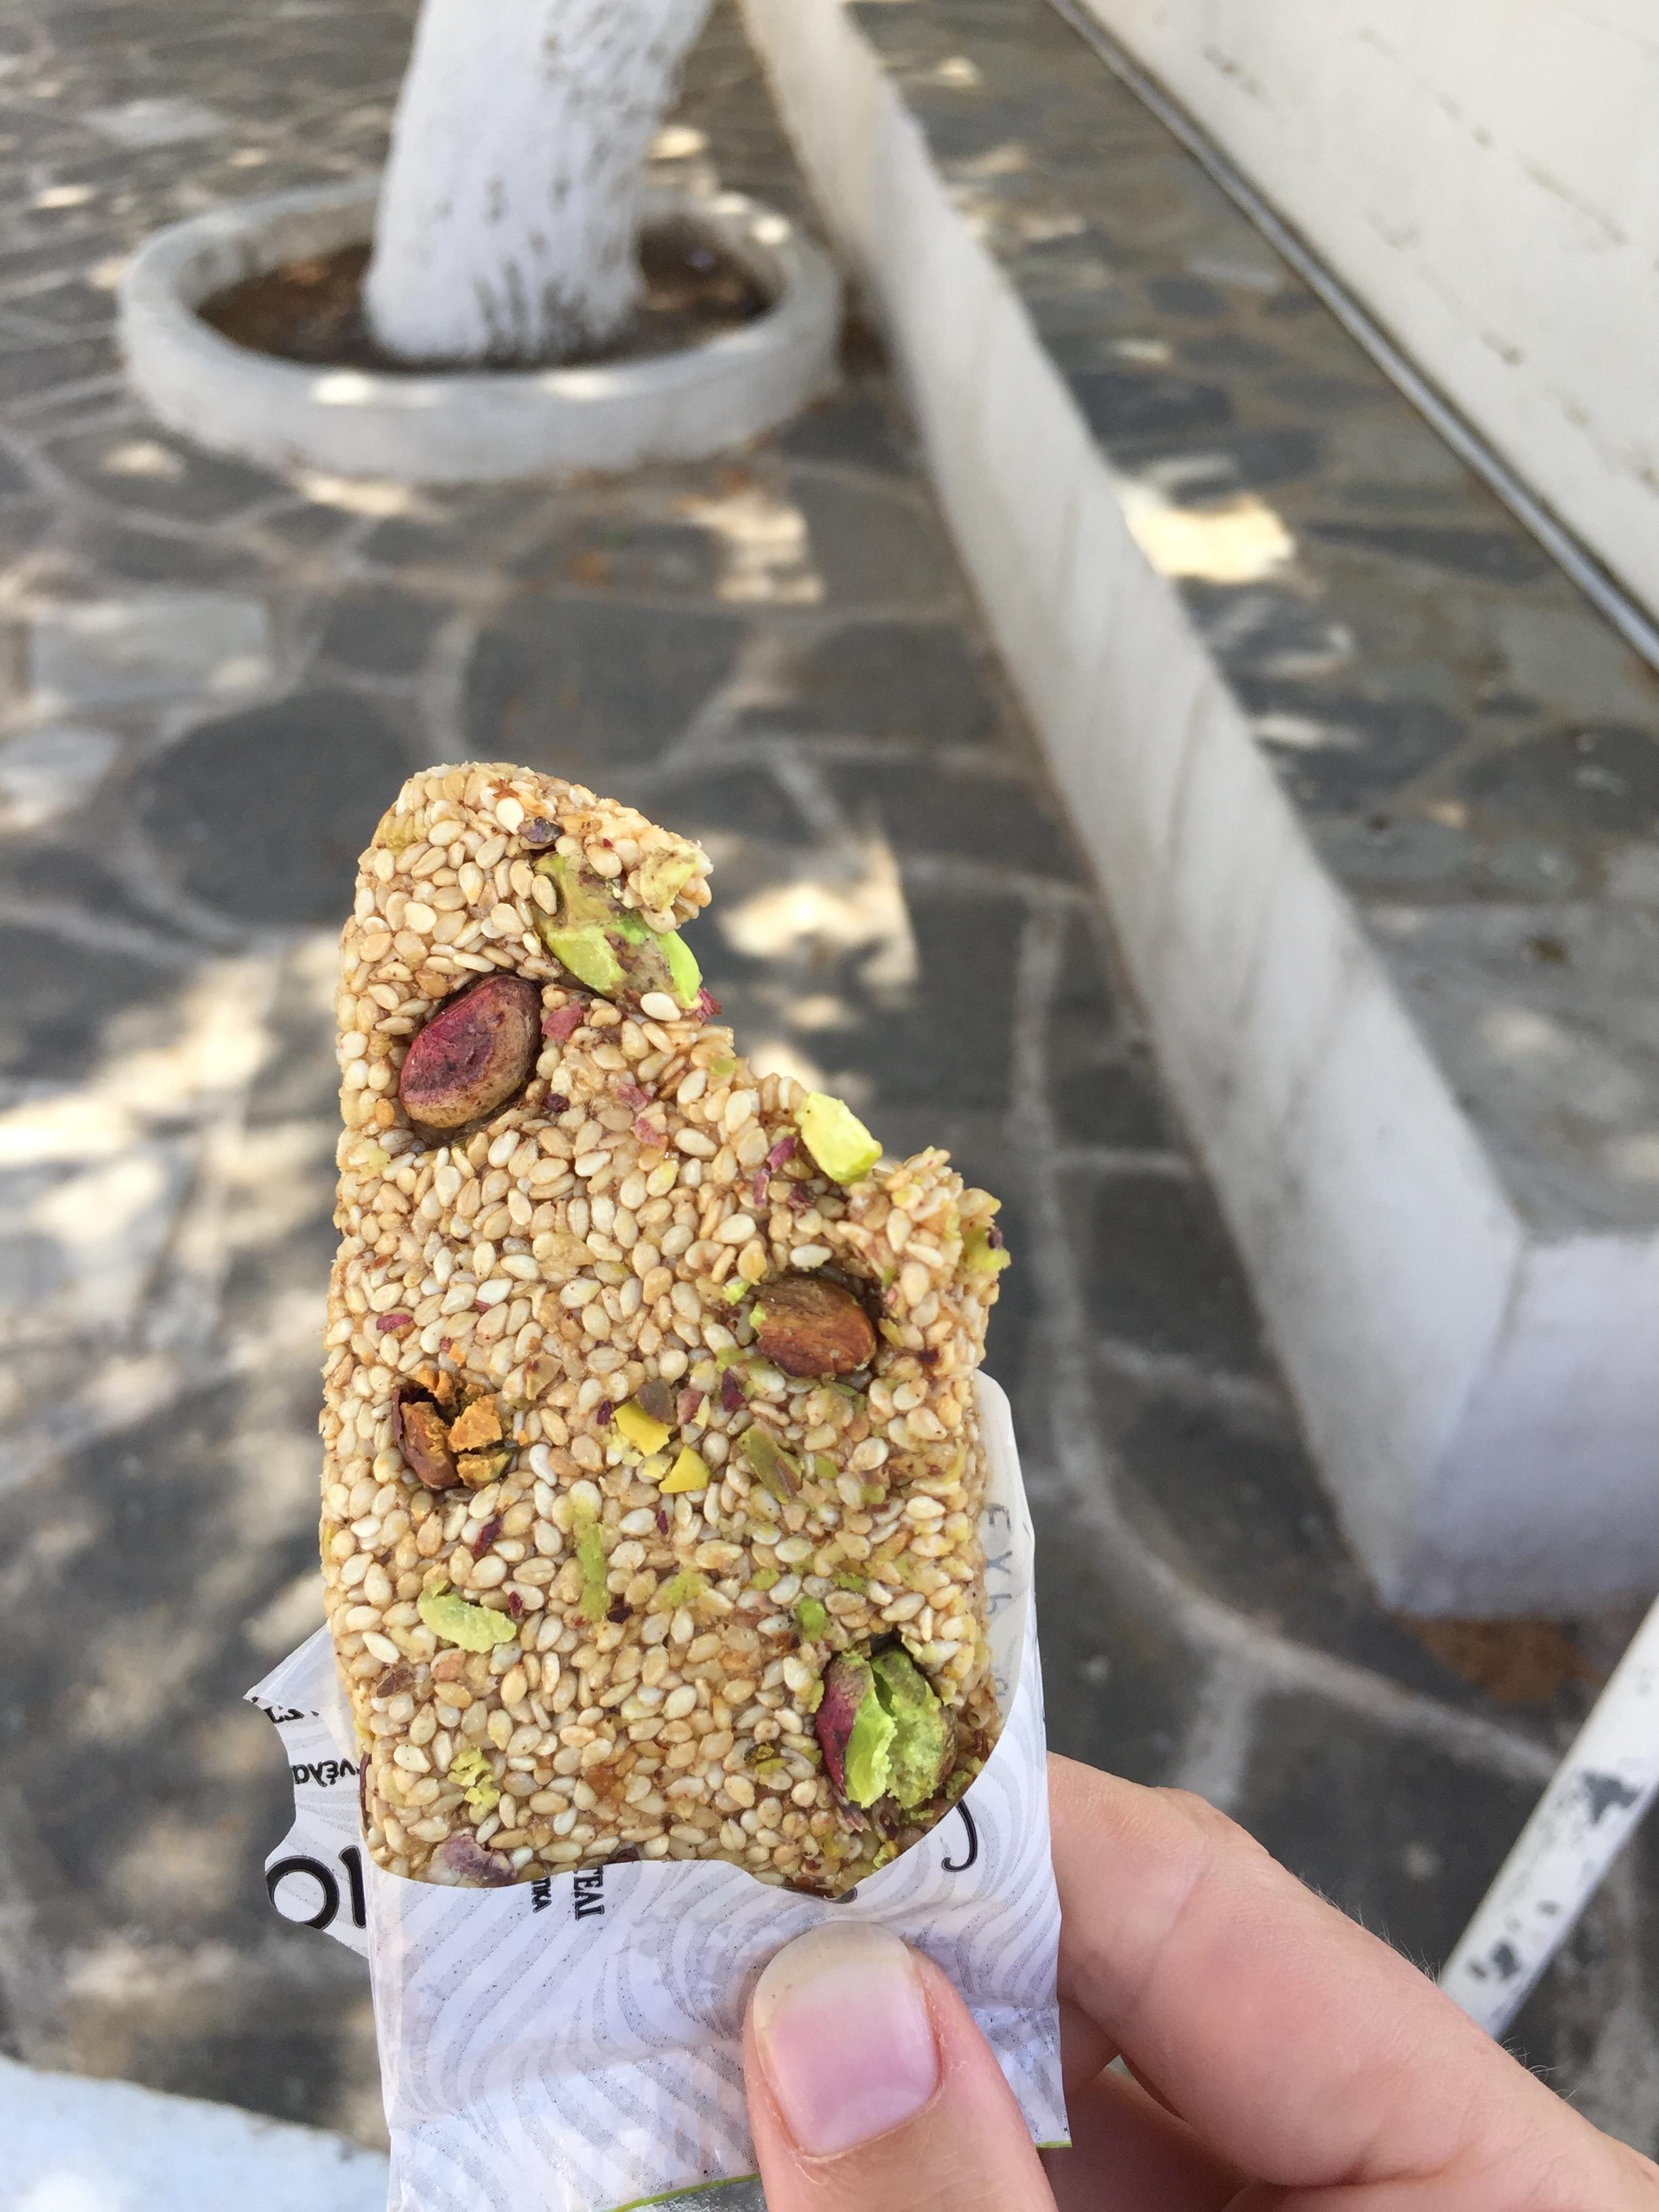 Honey, sesame, and pistachio bars from the little mini mark, in Prodromos.